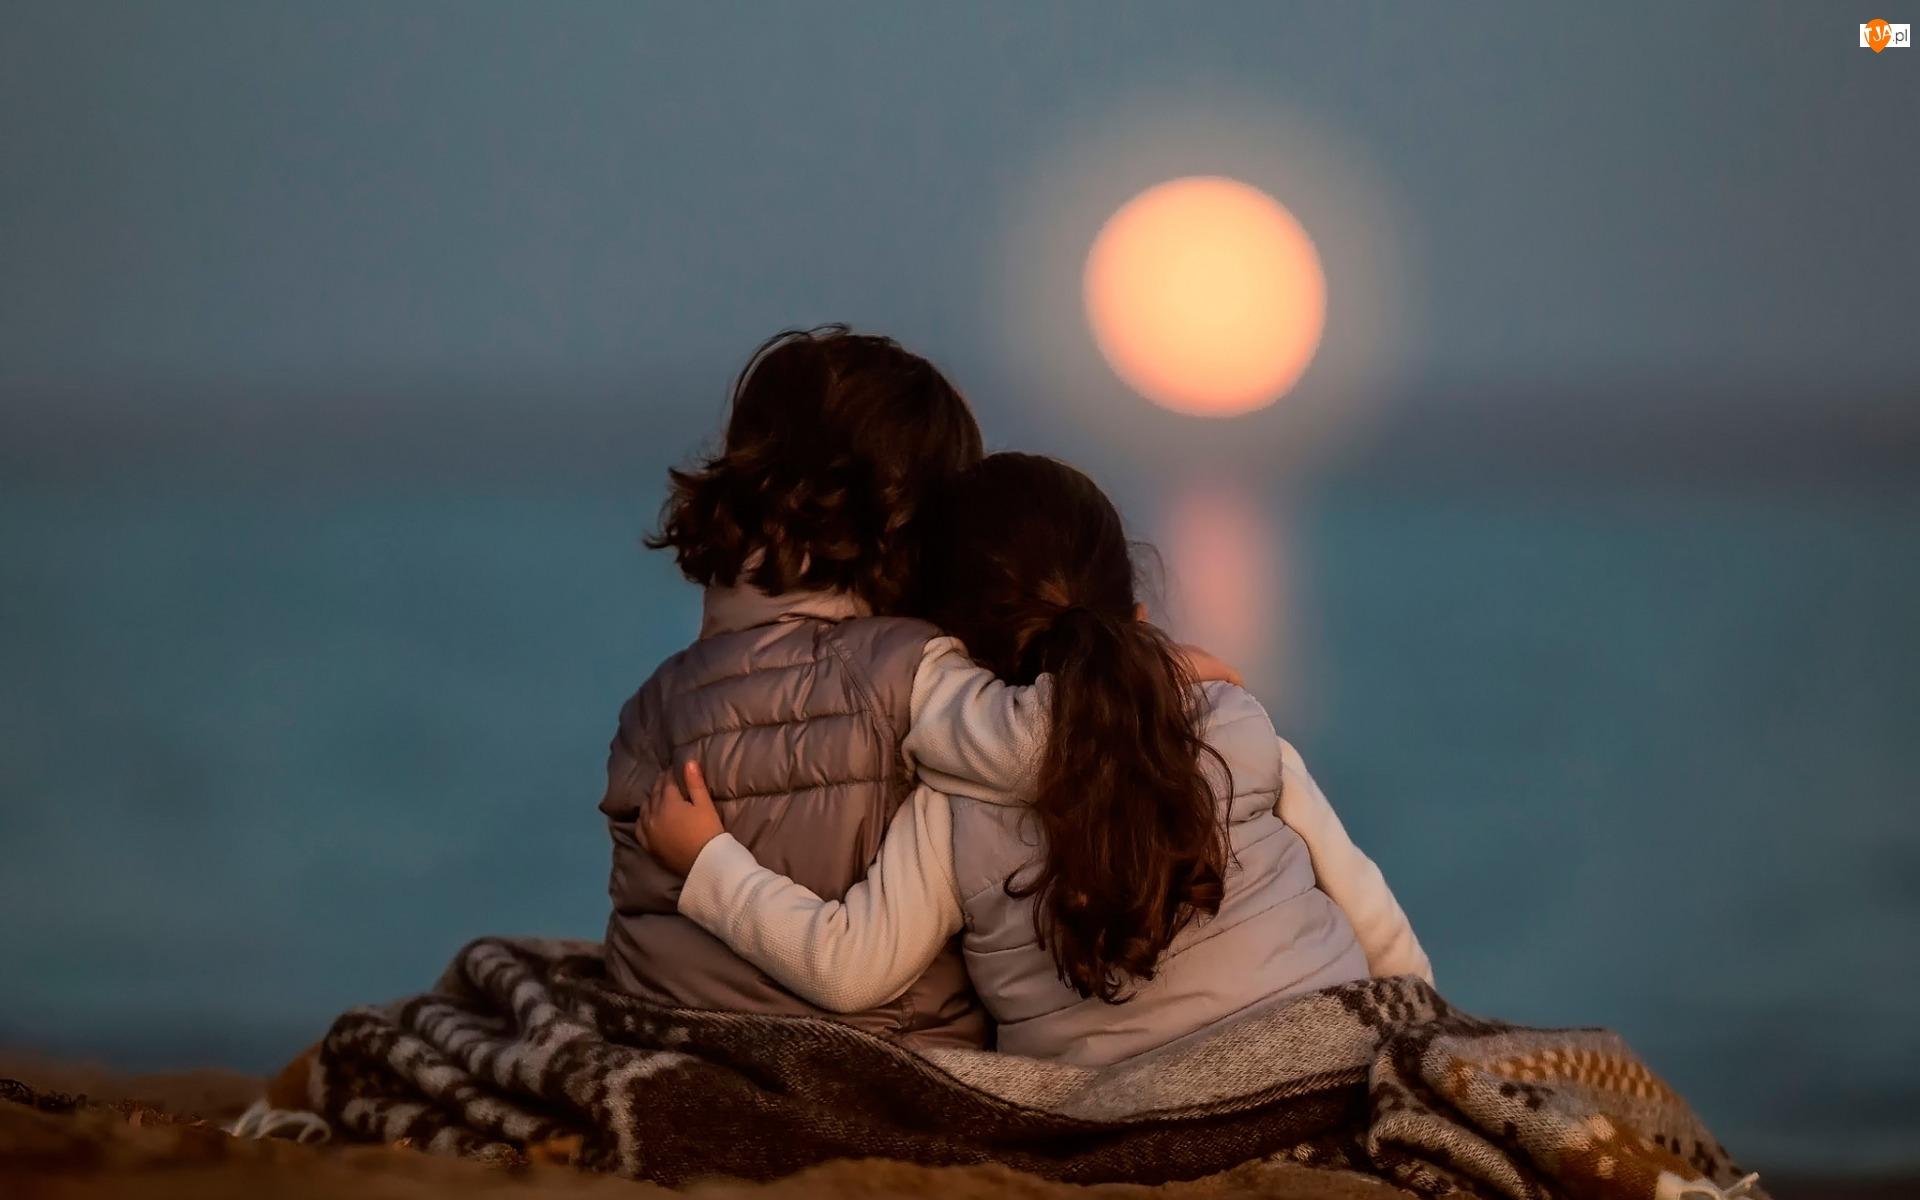 Morze, Zachód słońca, Dzieci